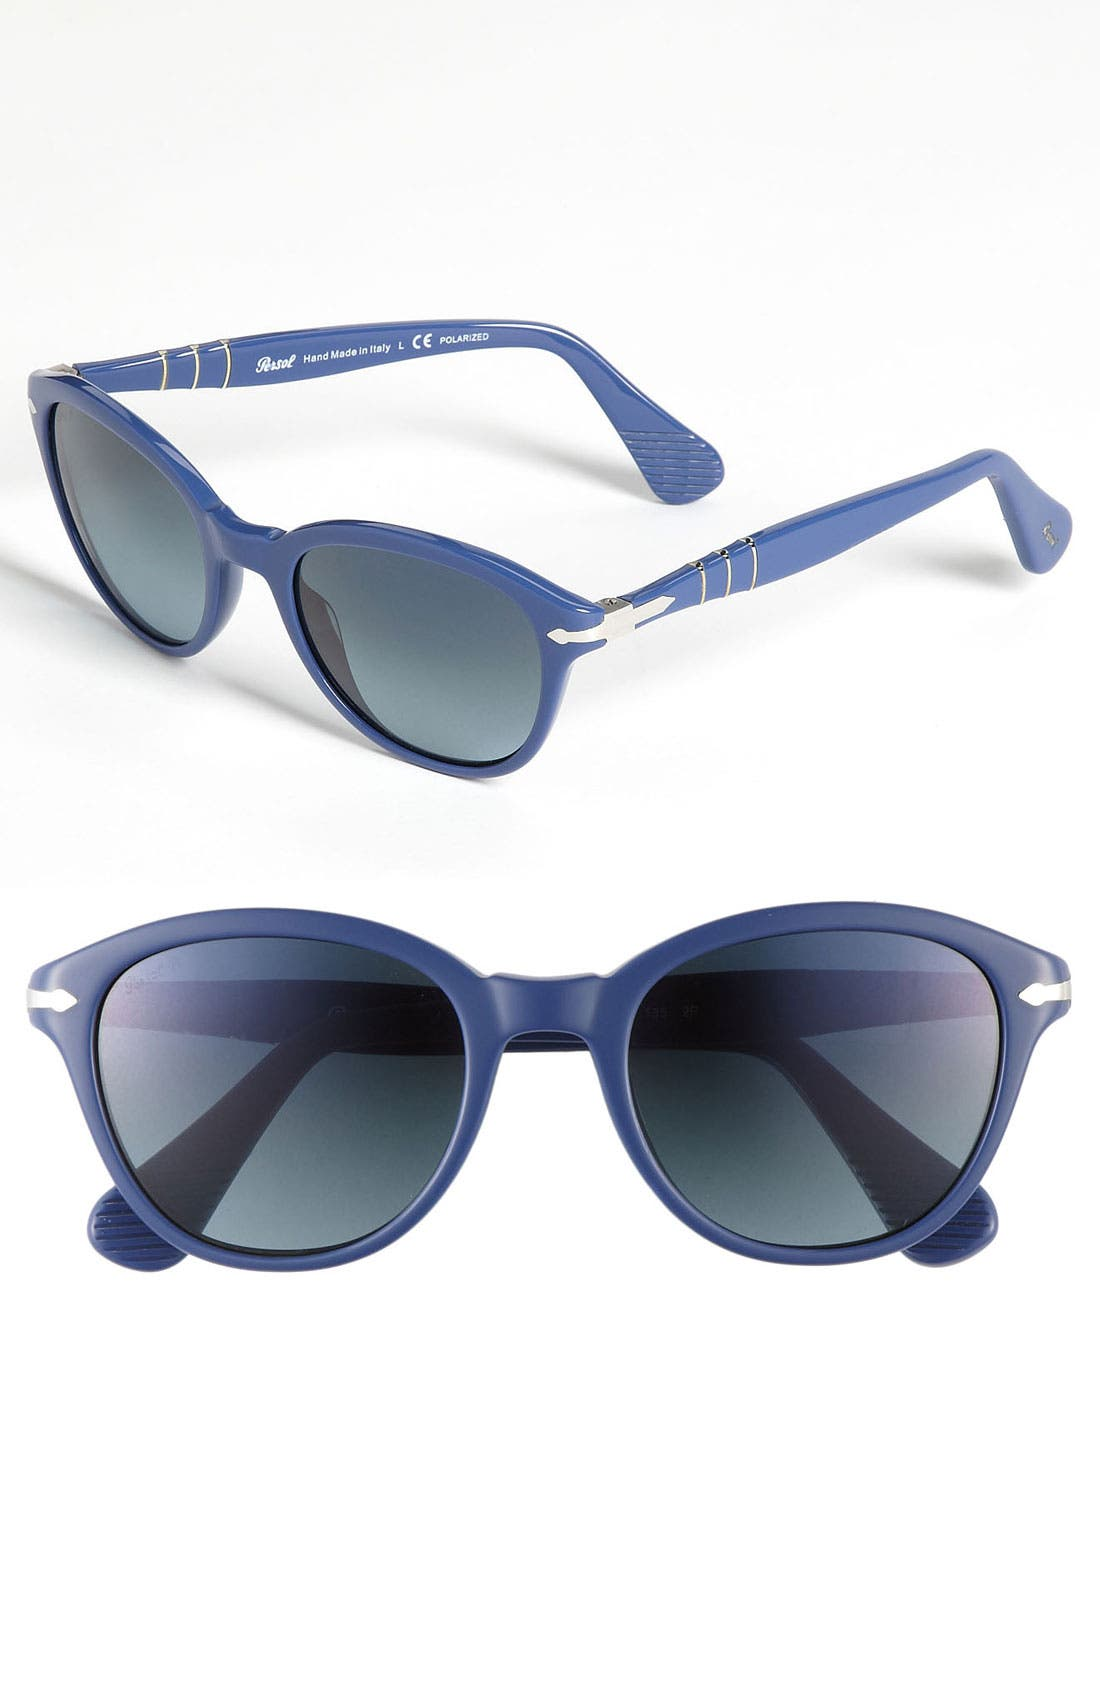 Main Image - Persol 50mm Polarized Round Retro Sunglasses